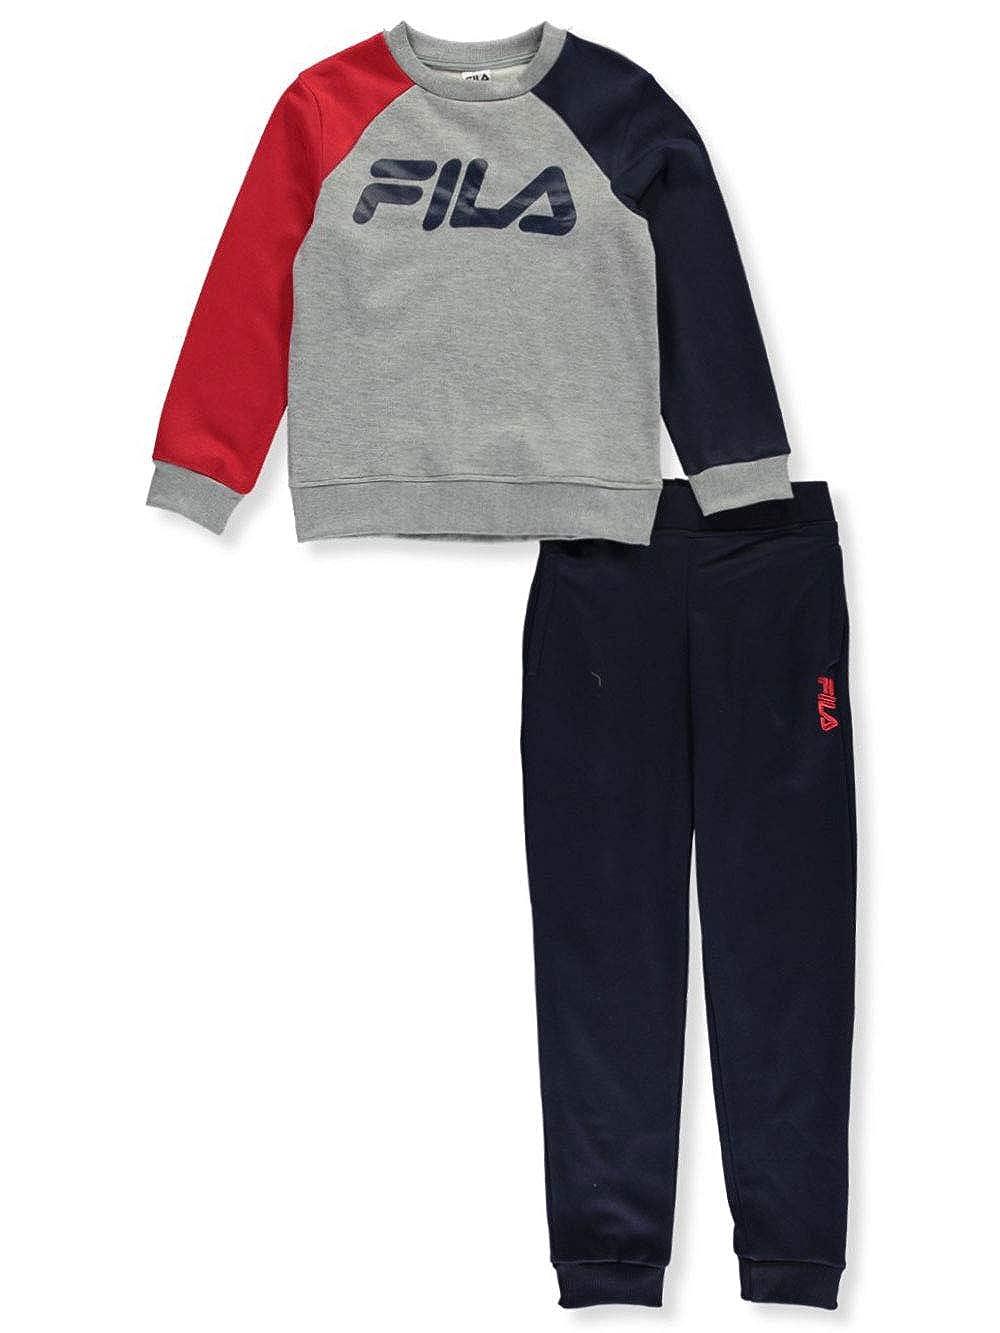 Fila Boys Raglan 2-Piece Sweatsuit Pants Set